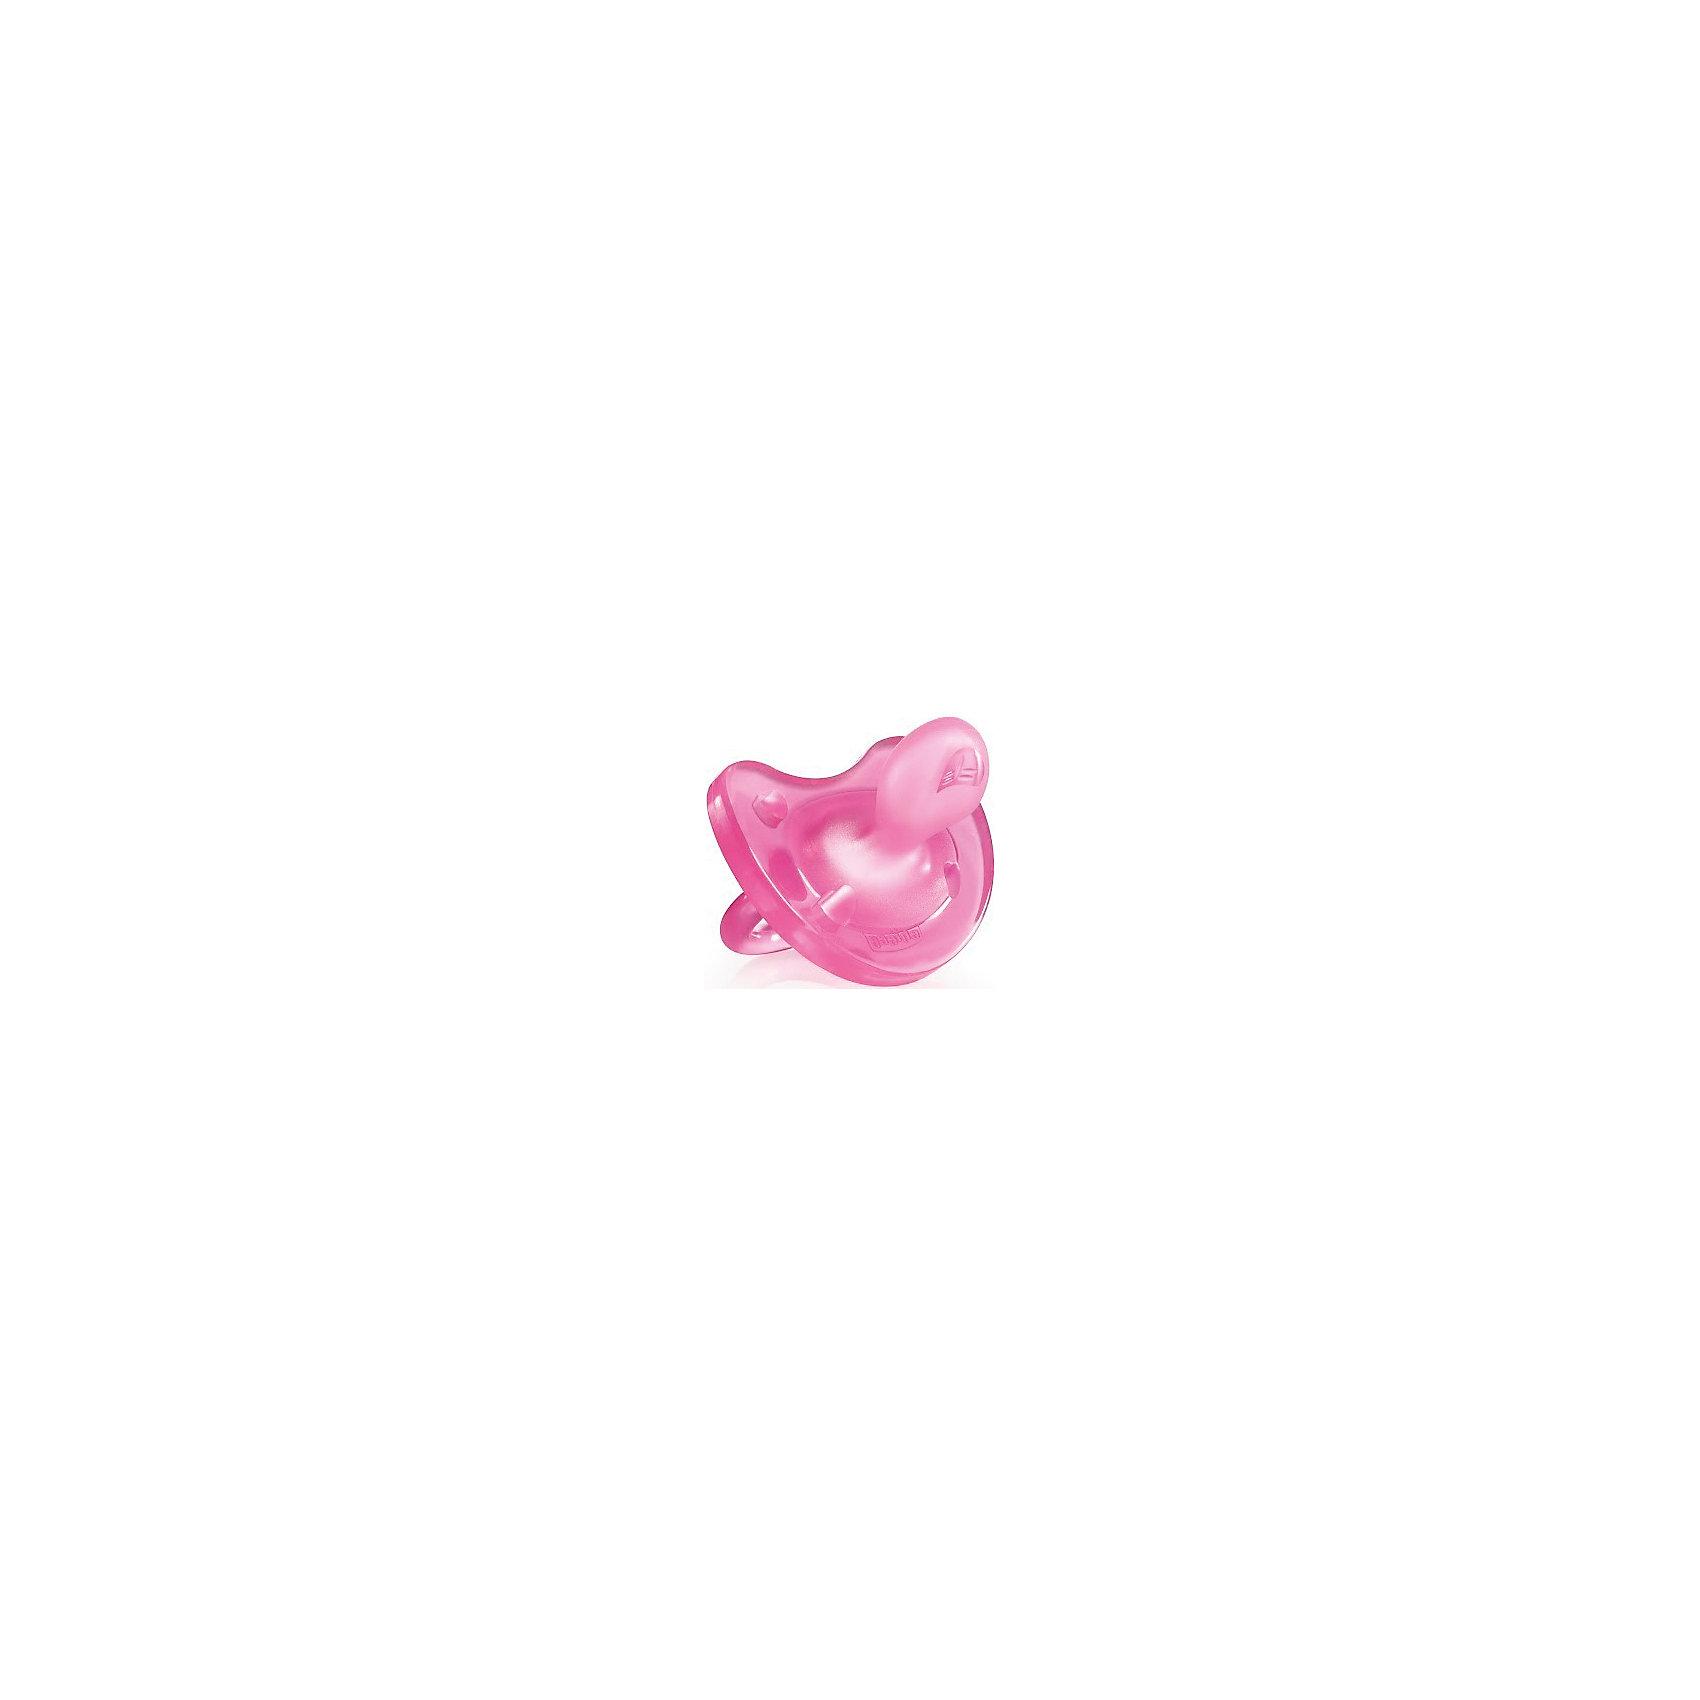 Силиконовая пустышка Physio Soft 6-12мес., CHICCO, розовыйПустышки из силикона<br>Эта экстромягкая силиконовая пустышка создана специально для маленьких деток!<br>Она способствует правильному развитию неба, языка и зубок. А благодаря, своей мягкости, она совершенно не будет мешать ребенку спать. <br><br>Дополнительная информация:<br><br>- Возраст: от 6 до 12 месяцев.<br>- Цвет: розовый.<br>- Материал: силикон.<br><br>Купить пустышку Physio Soft (6-12мес.) в розовом цвете, можно в нашем магазине.<br><br>Ширина мм: 145<br>Глубина мм: 90<br>Высота мм: 50<br>Вес г: 13<br>Возраст от месяцев: 6<br>Возраст до месяцев: 12<br>Пол: Унисекс<br>Возраст: Детский<br>SKU: 4944250